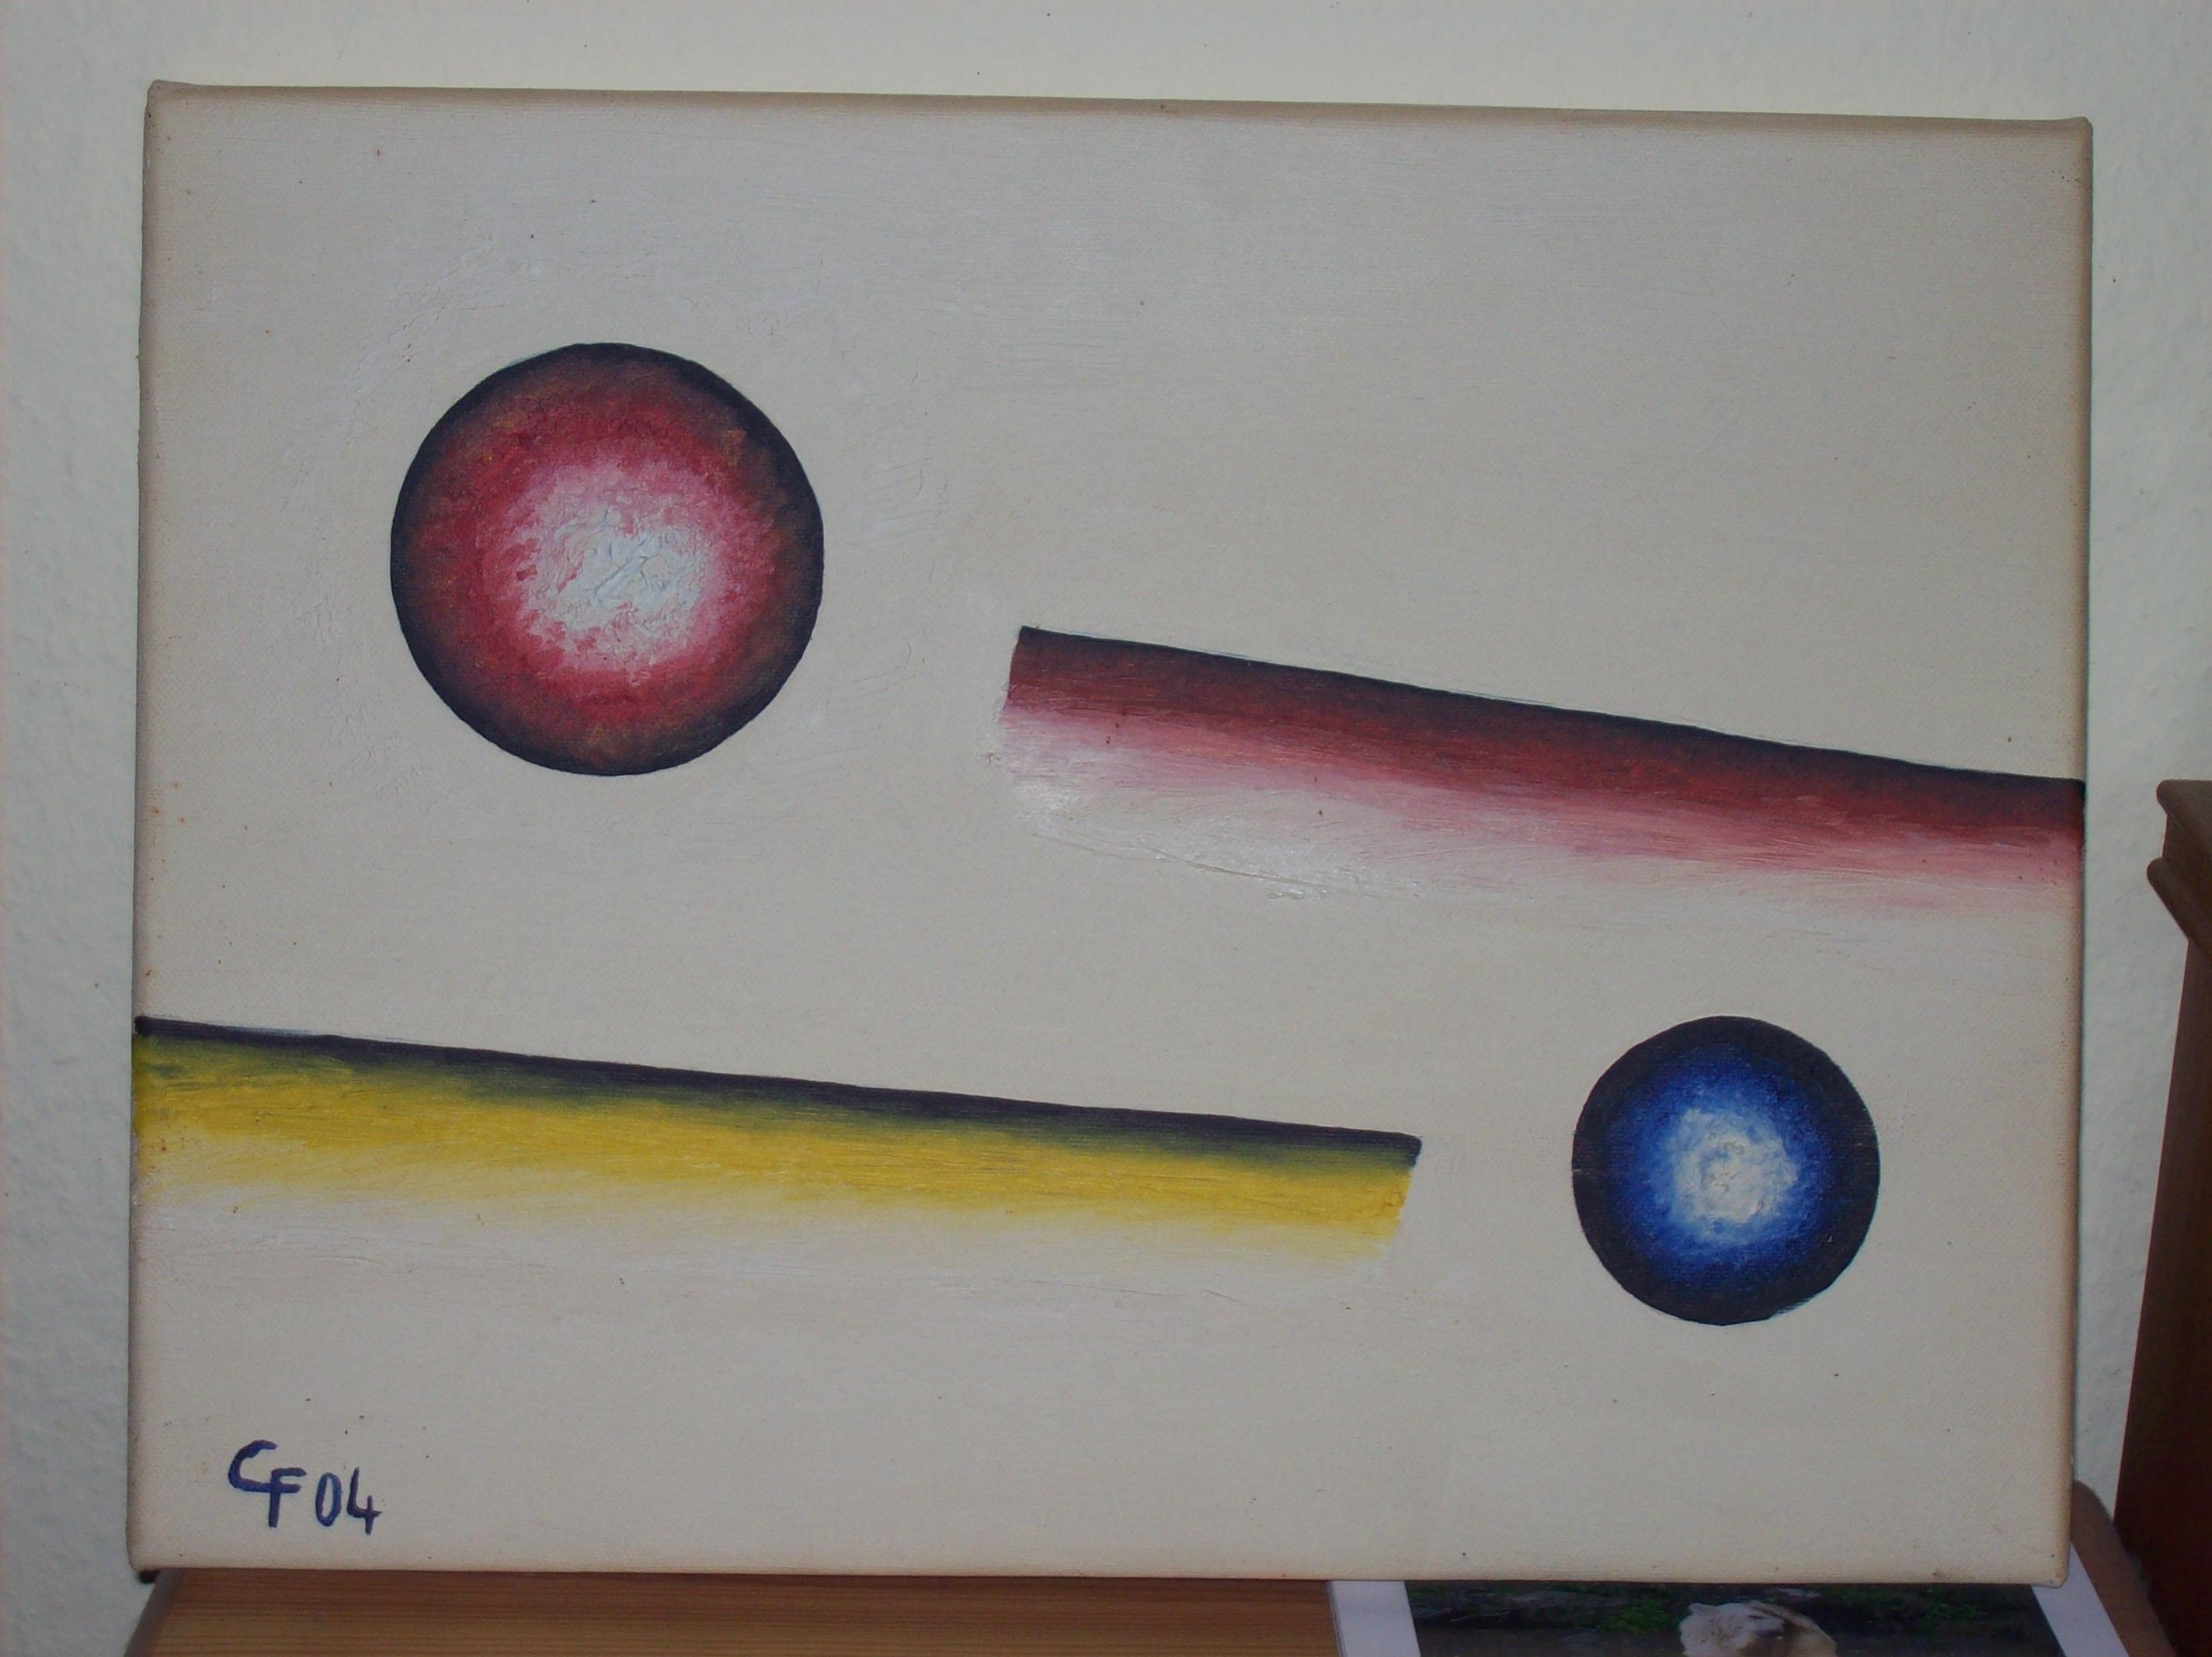 Billard 2004